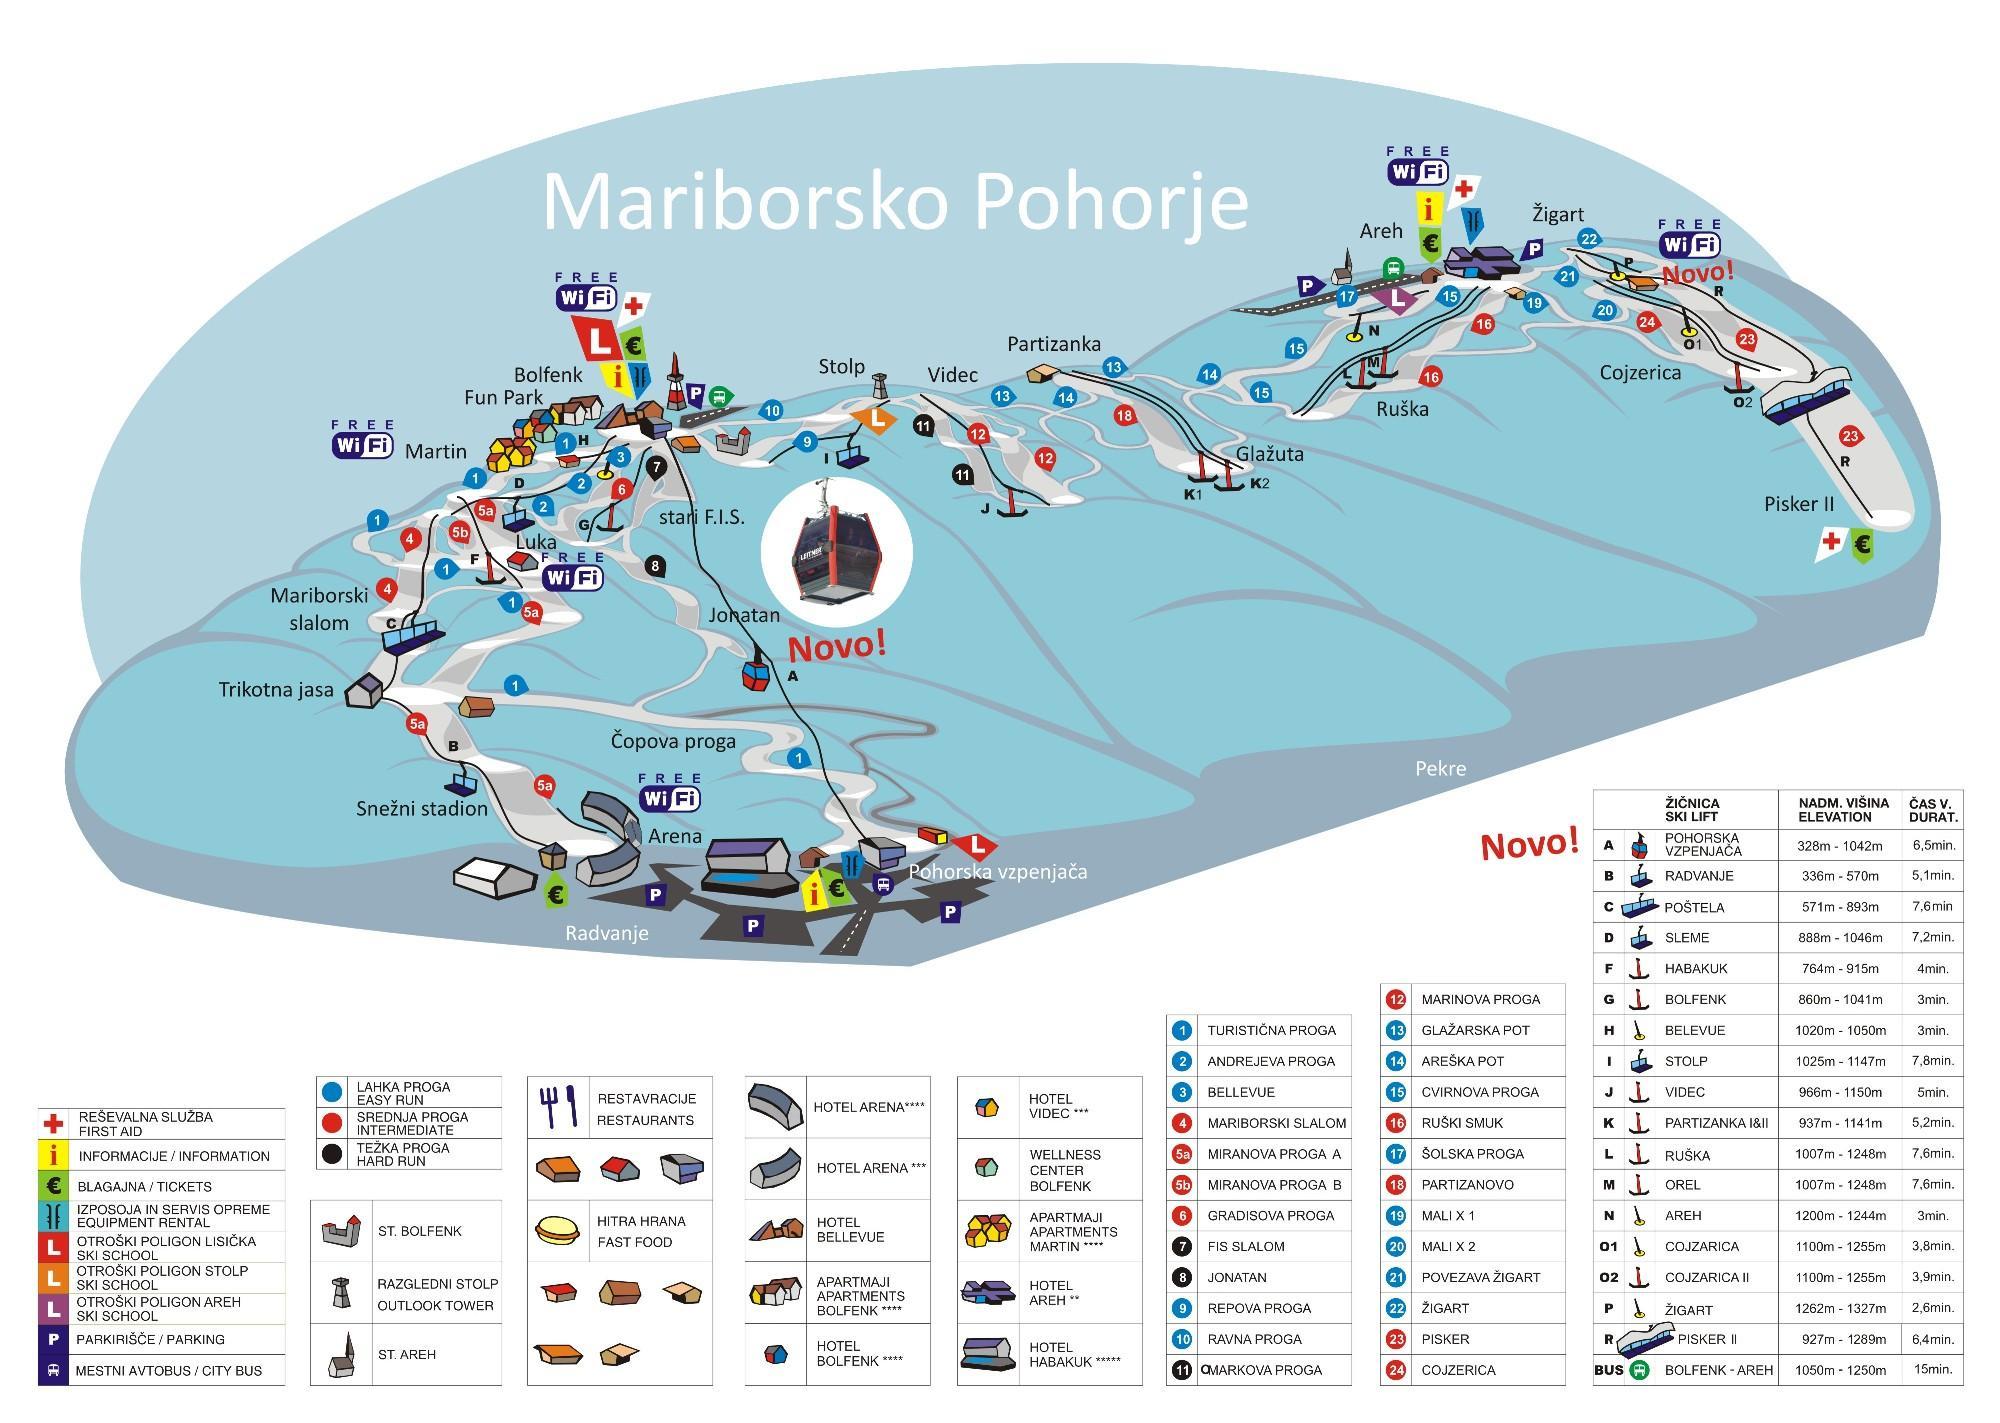 mari_map2